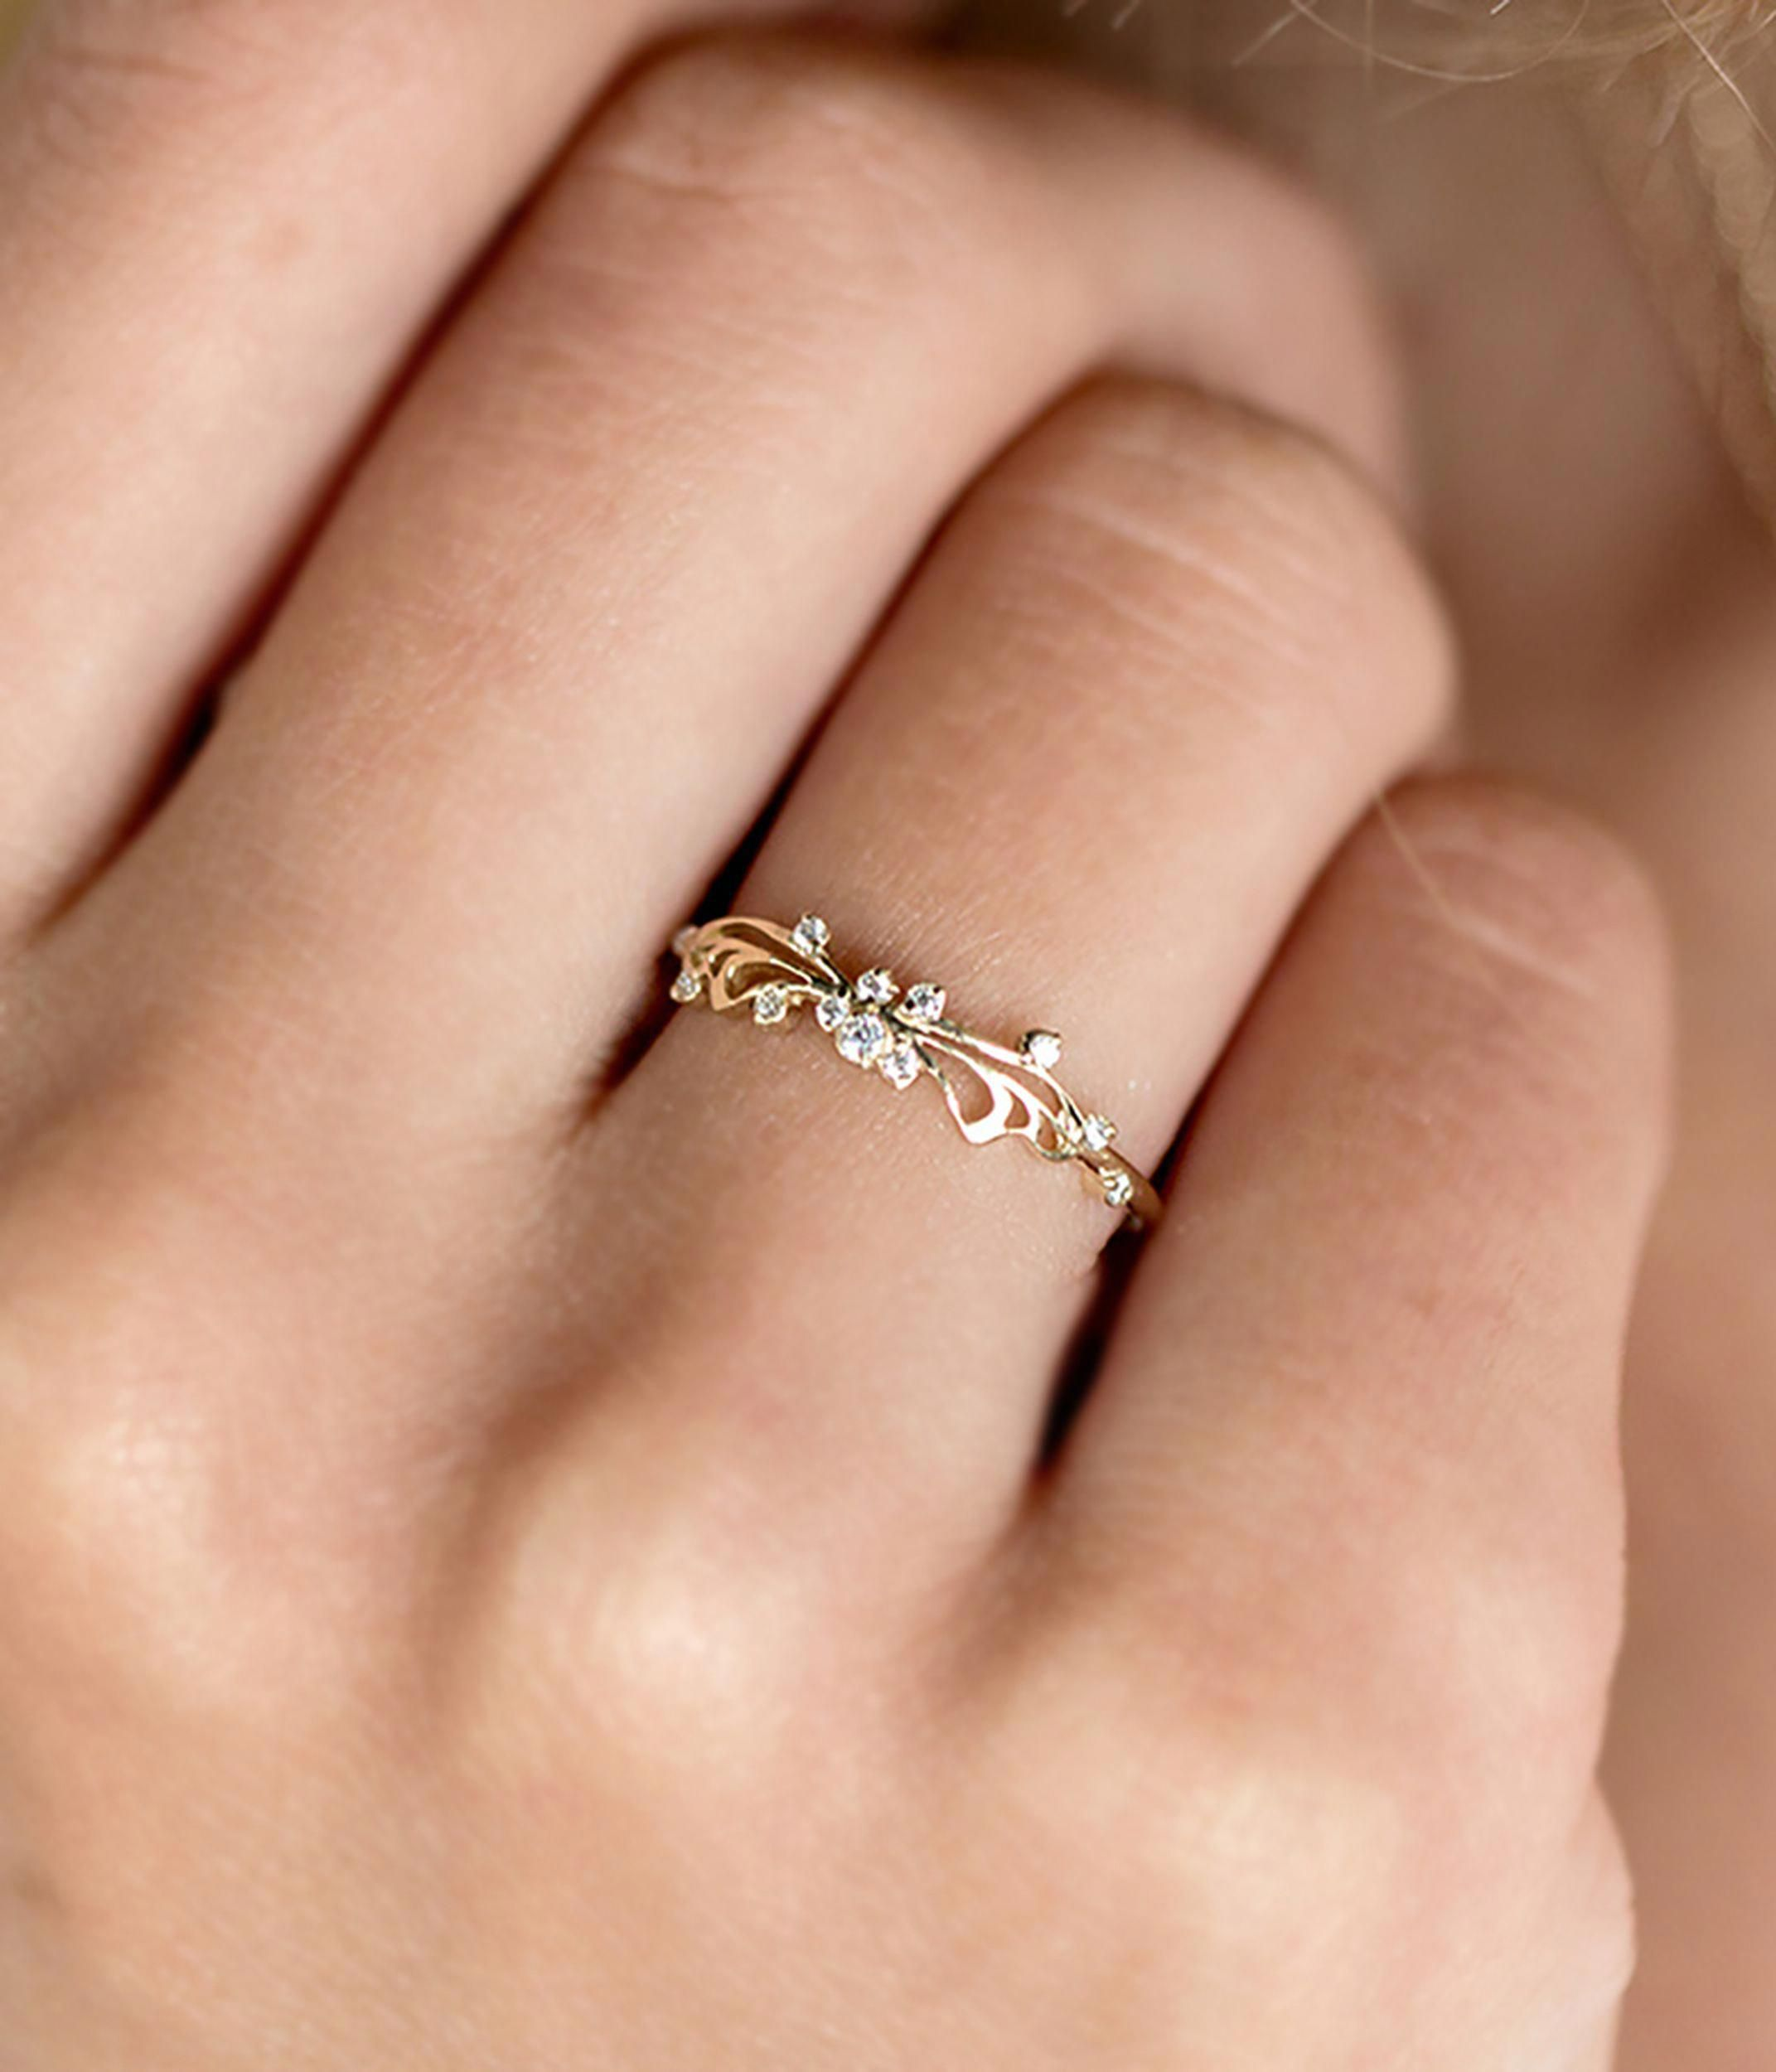 14K White Gold Flower Ring Art Deco Wedding Band